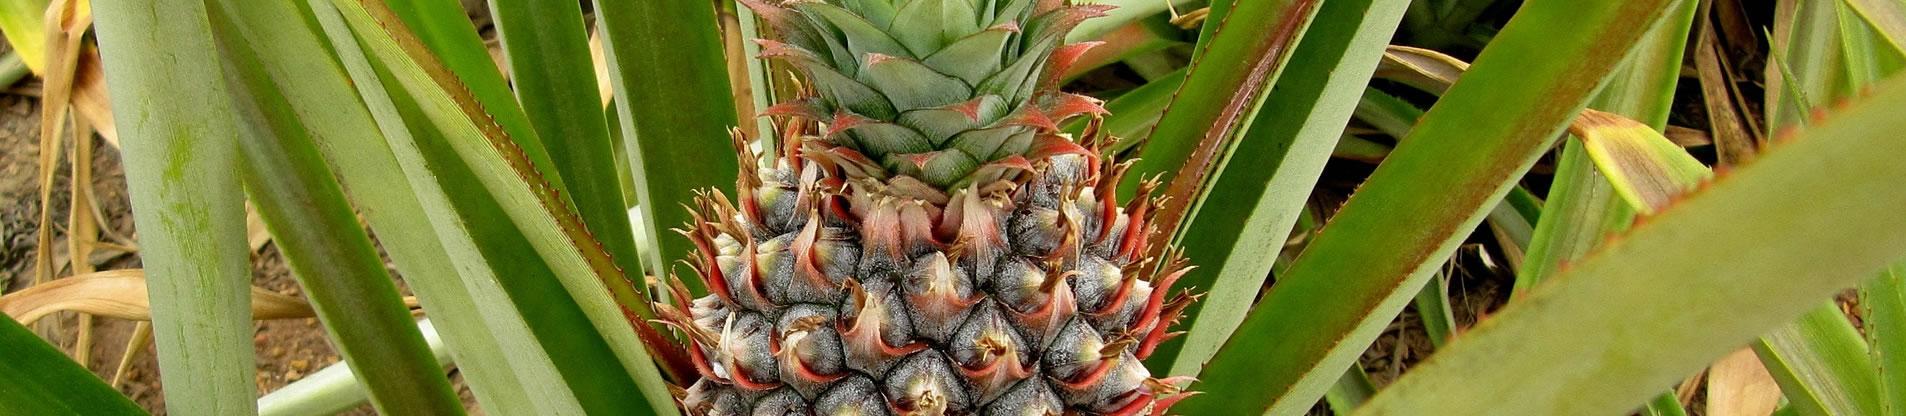 importateur-d-ananas-en-france-1